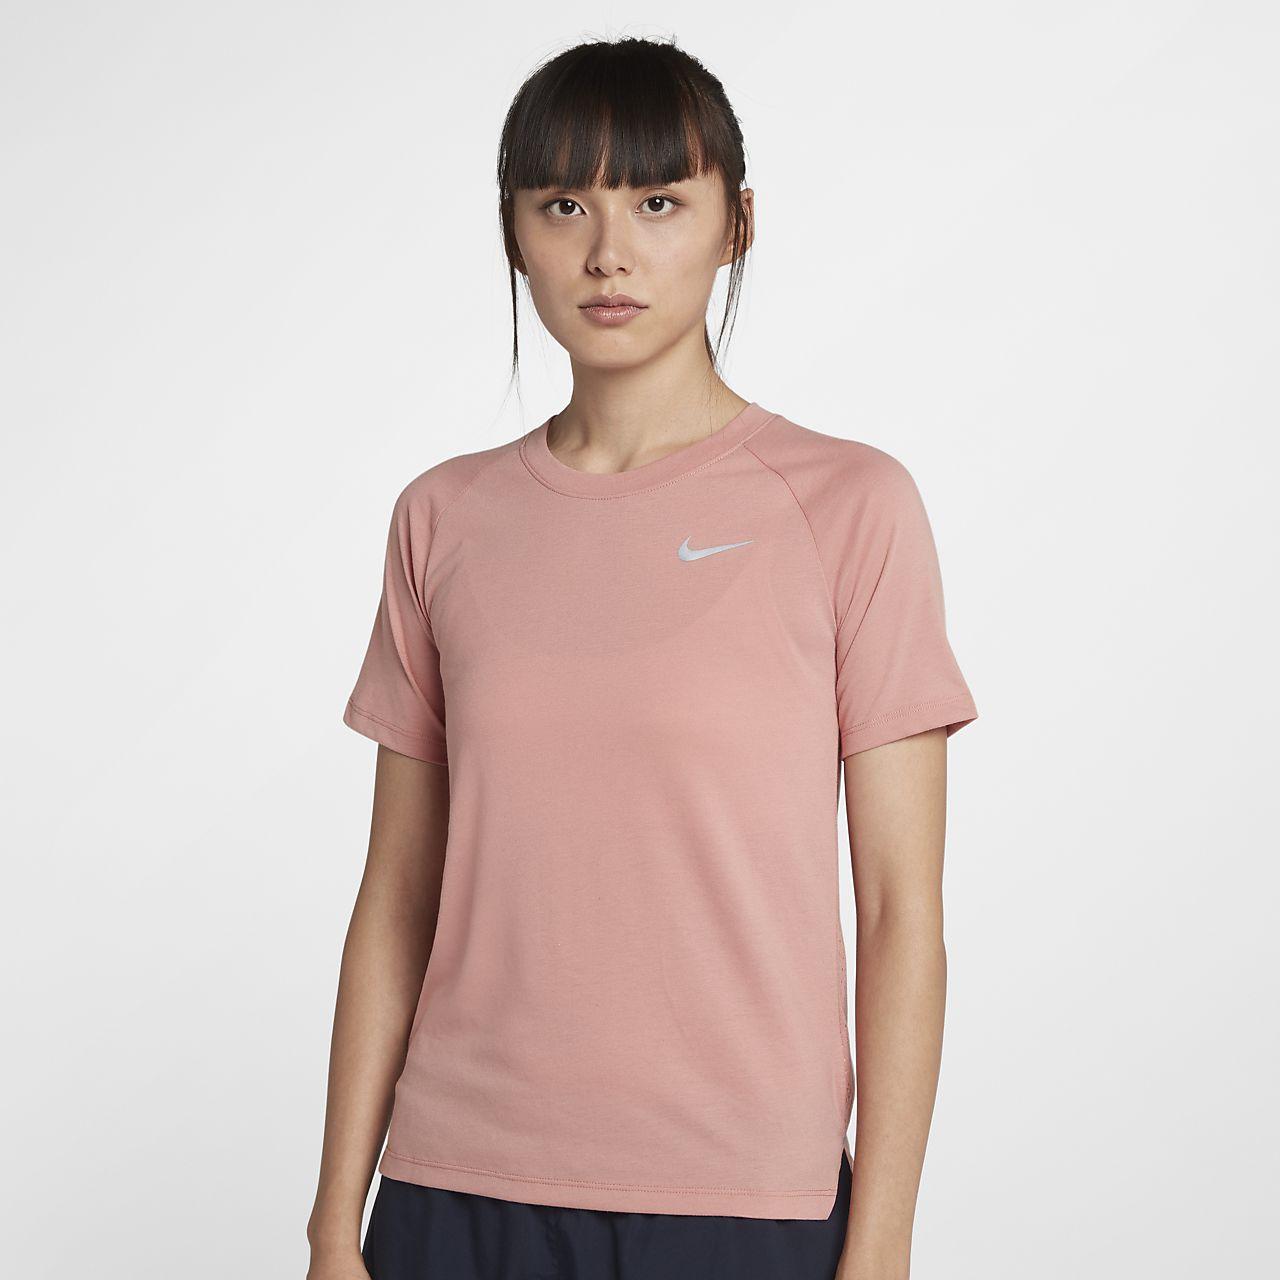 เสื้อวิ่งแขนสั้นผู้หญิง Nike Dri-FIT Tailwind